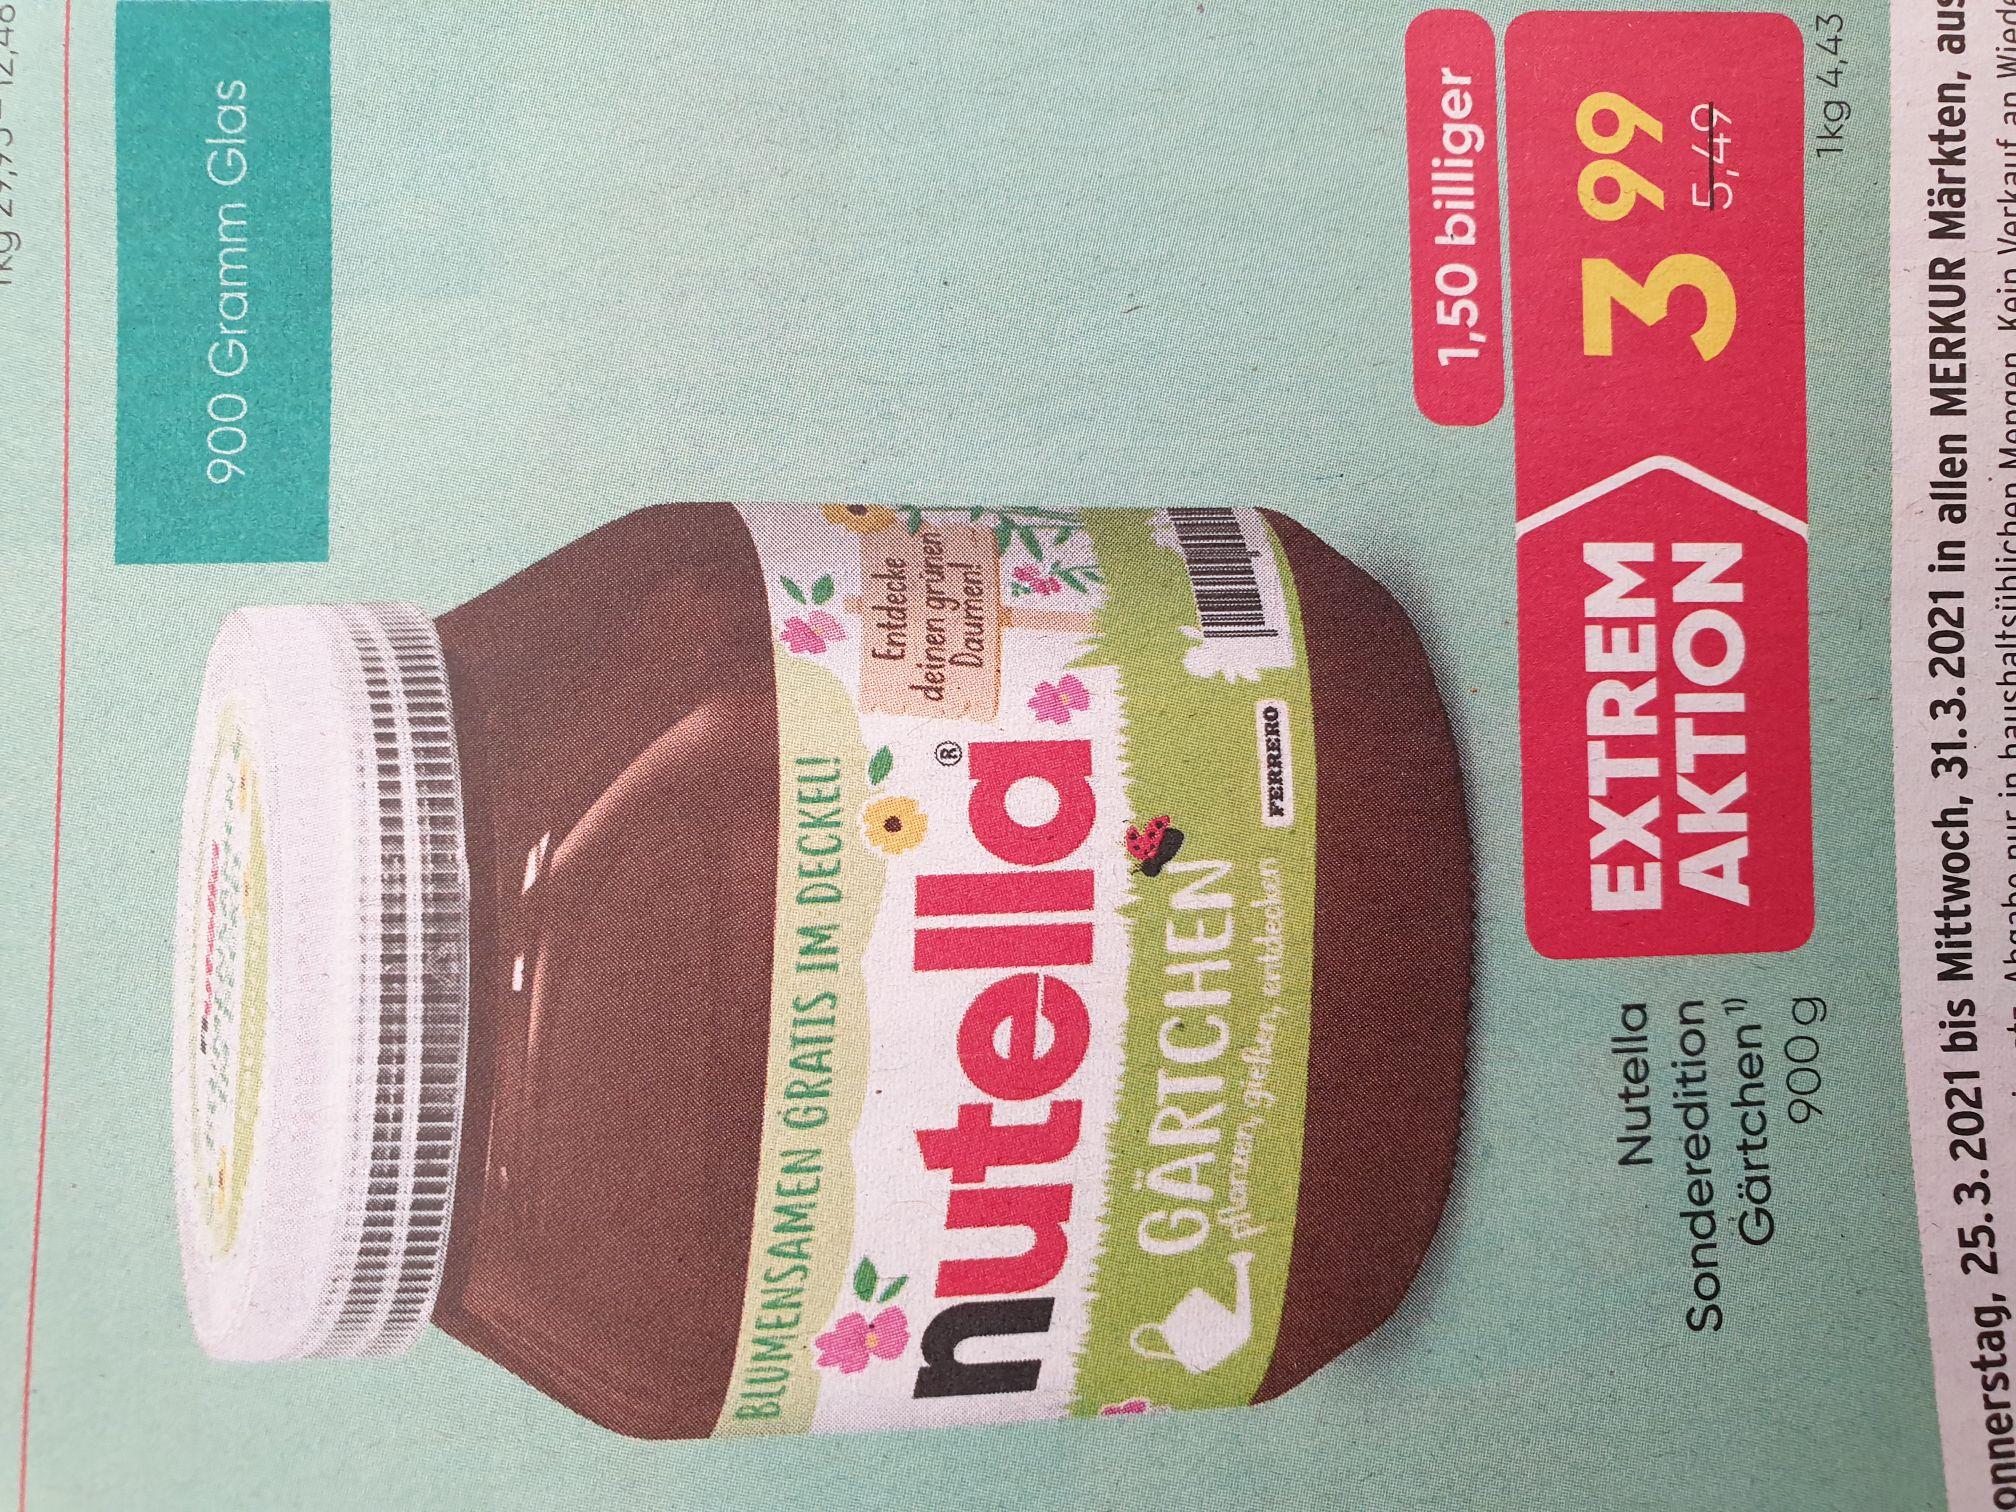 Nutella 900g Glas um 3.99€ bei Merkur